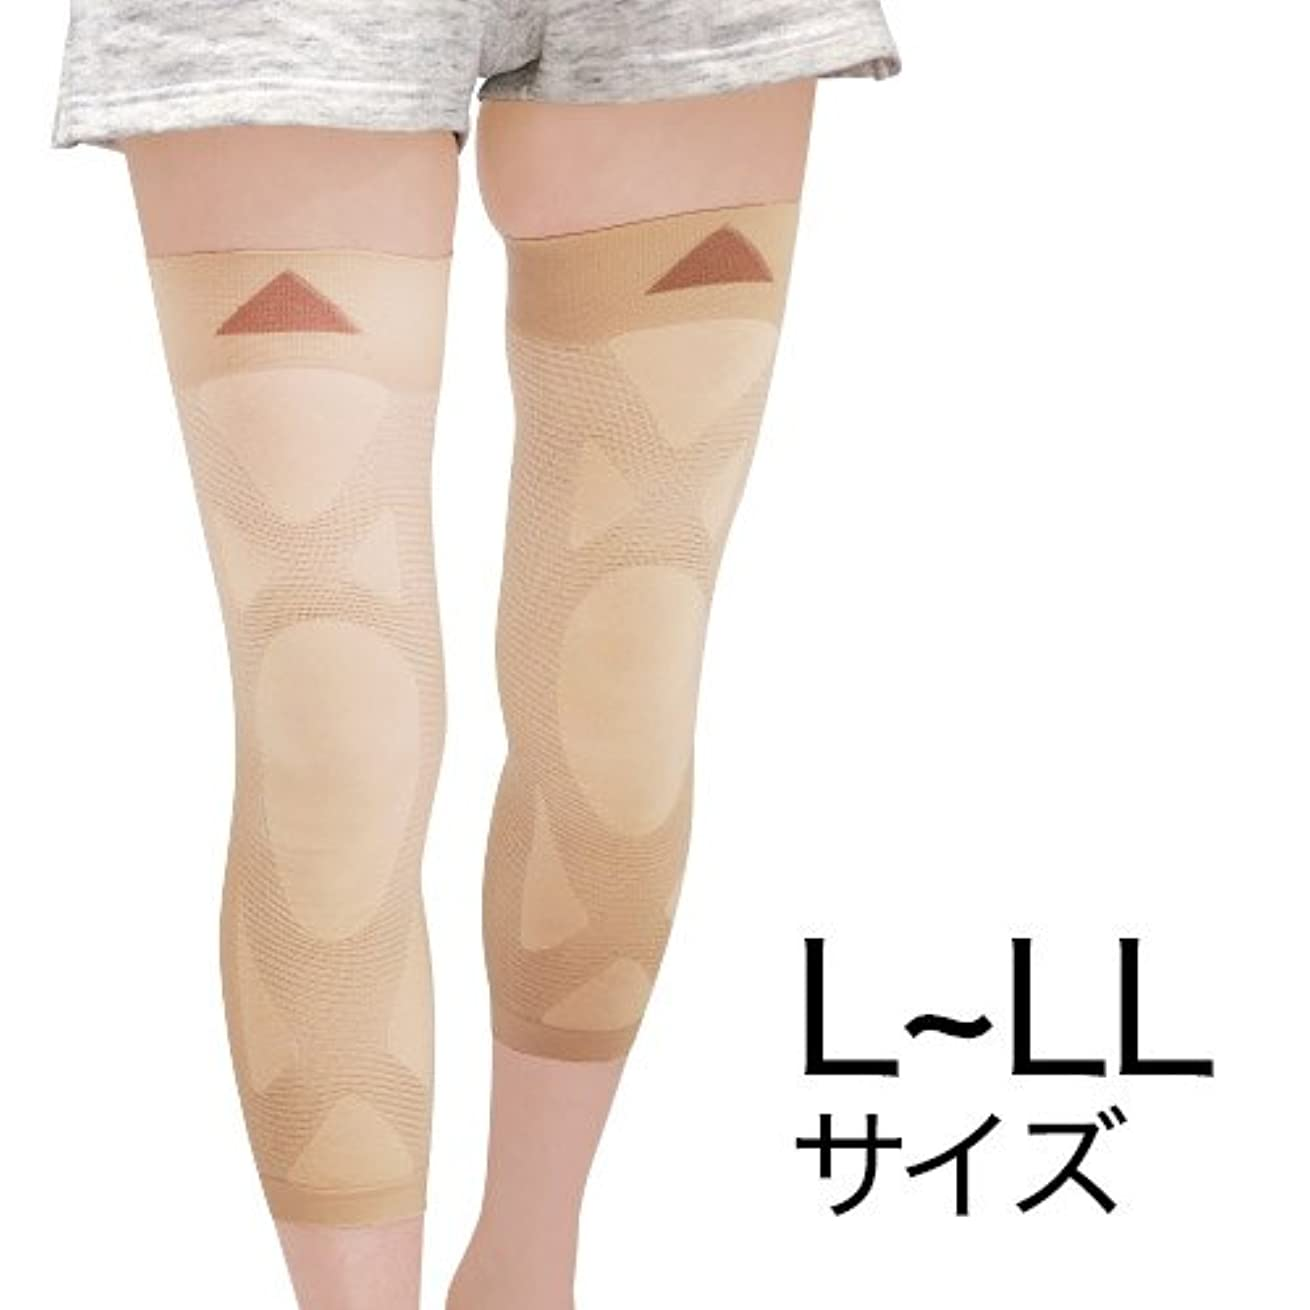 受け継ぐ意図的やさしいナチュラルガーデン 膝楽サポーター L~LL(左右共通2枚組)